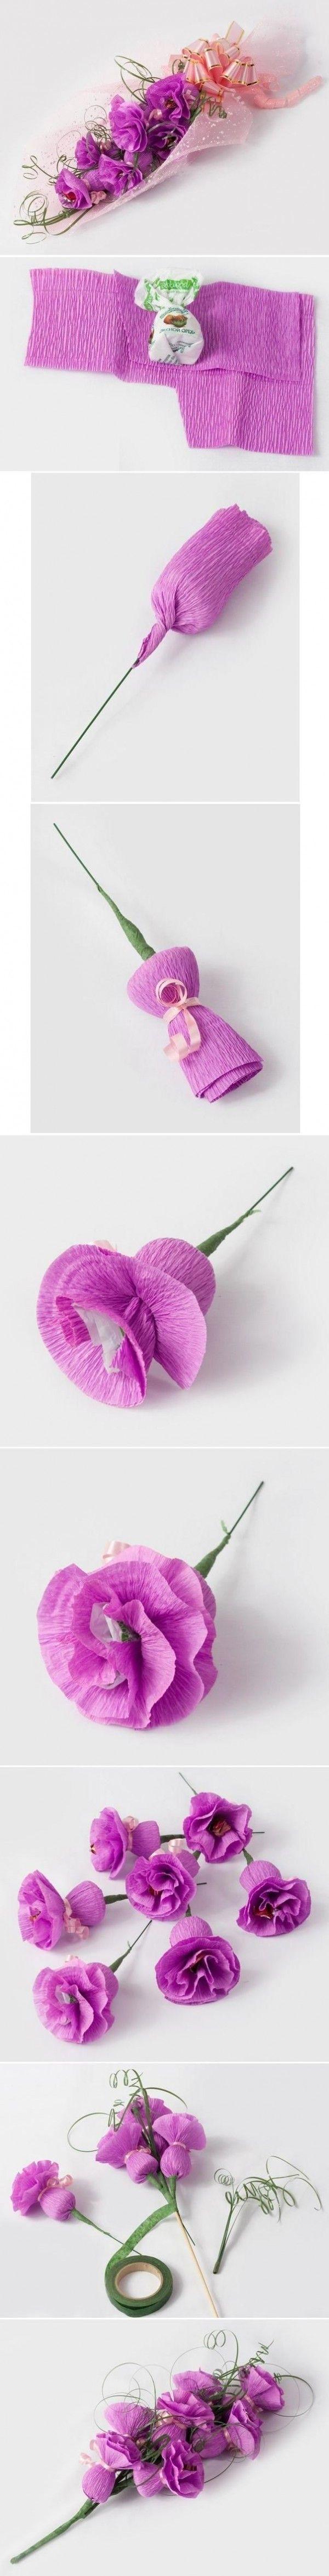 Mi próximo novio tiene que saber que sólo aceptaré estos ramos de flores